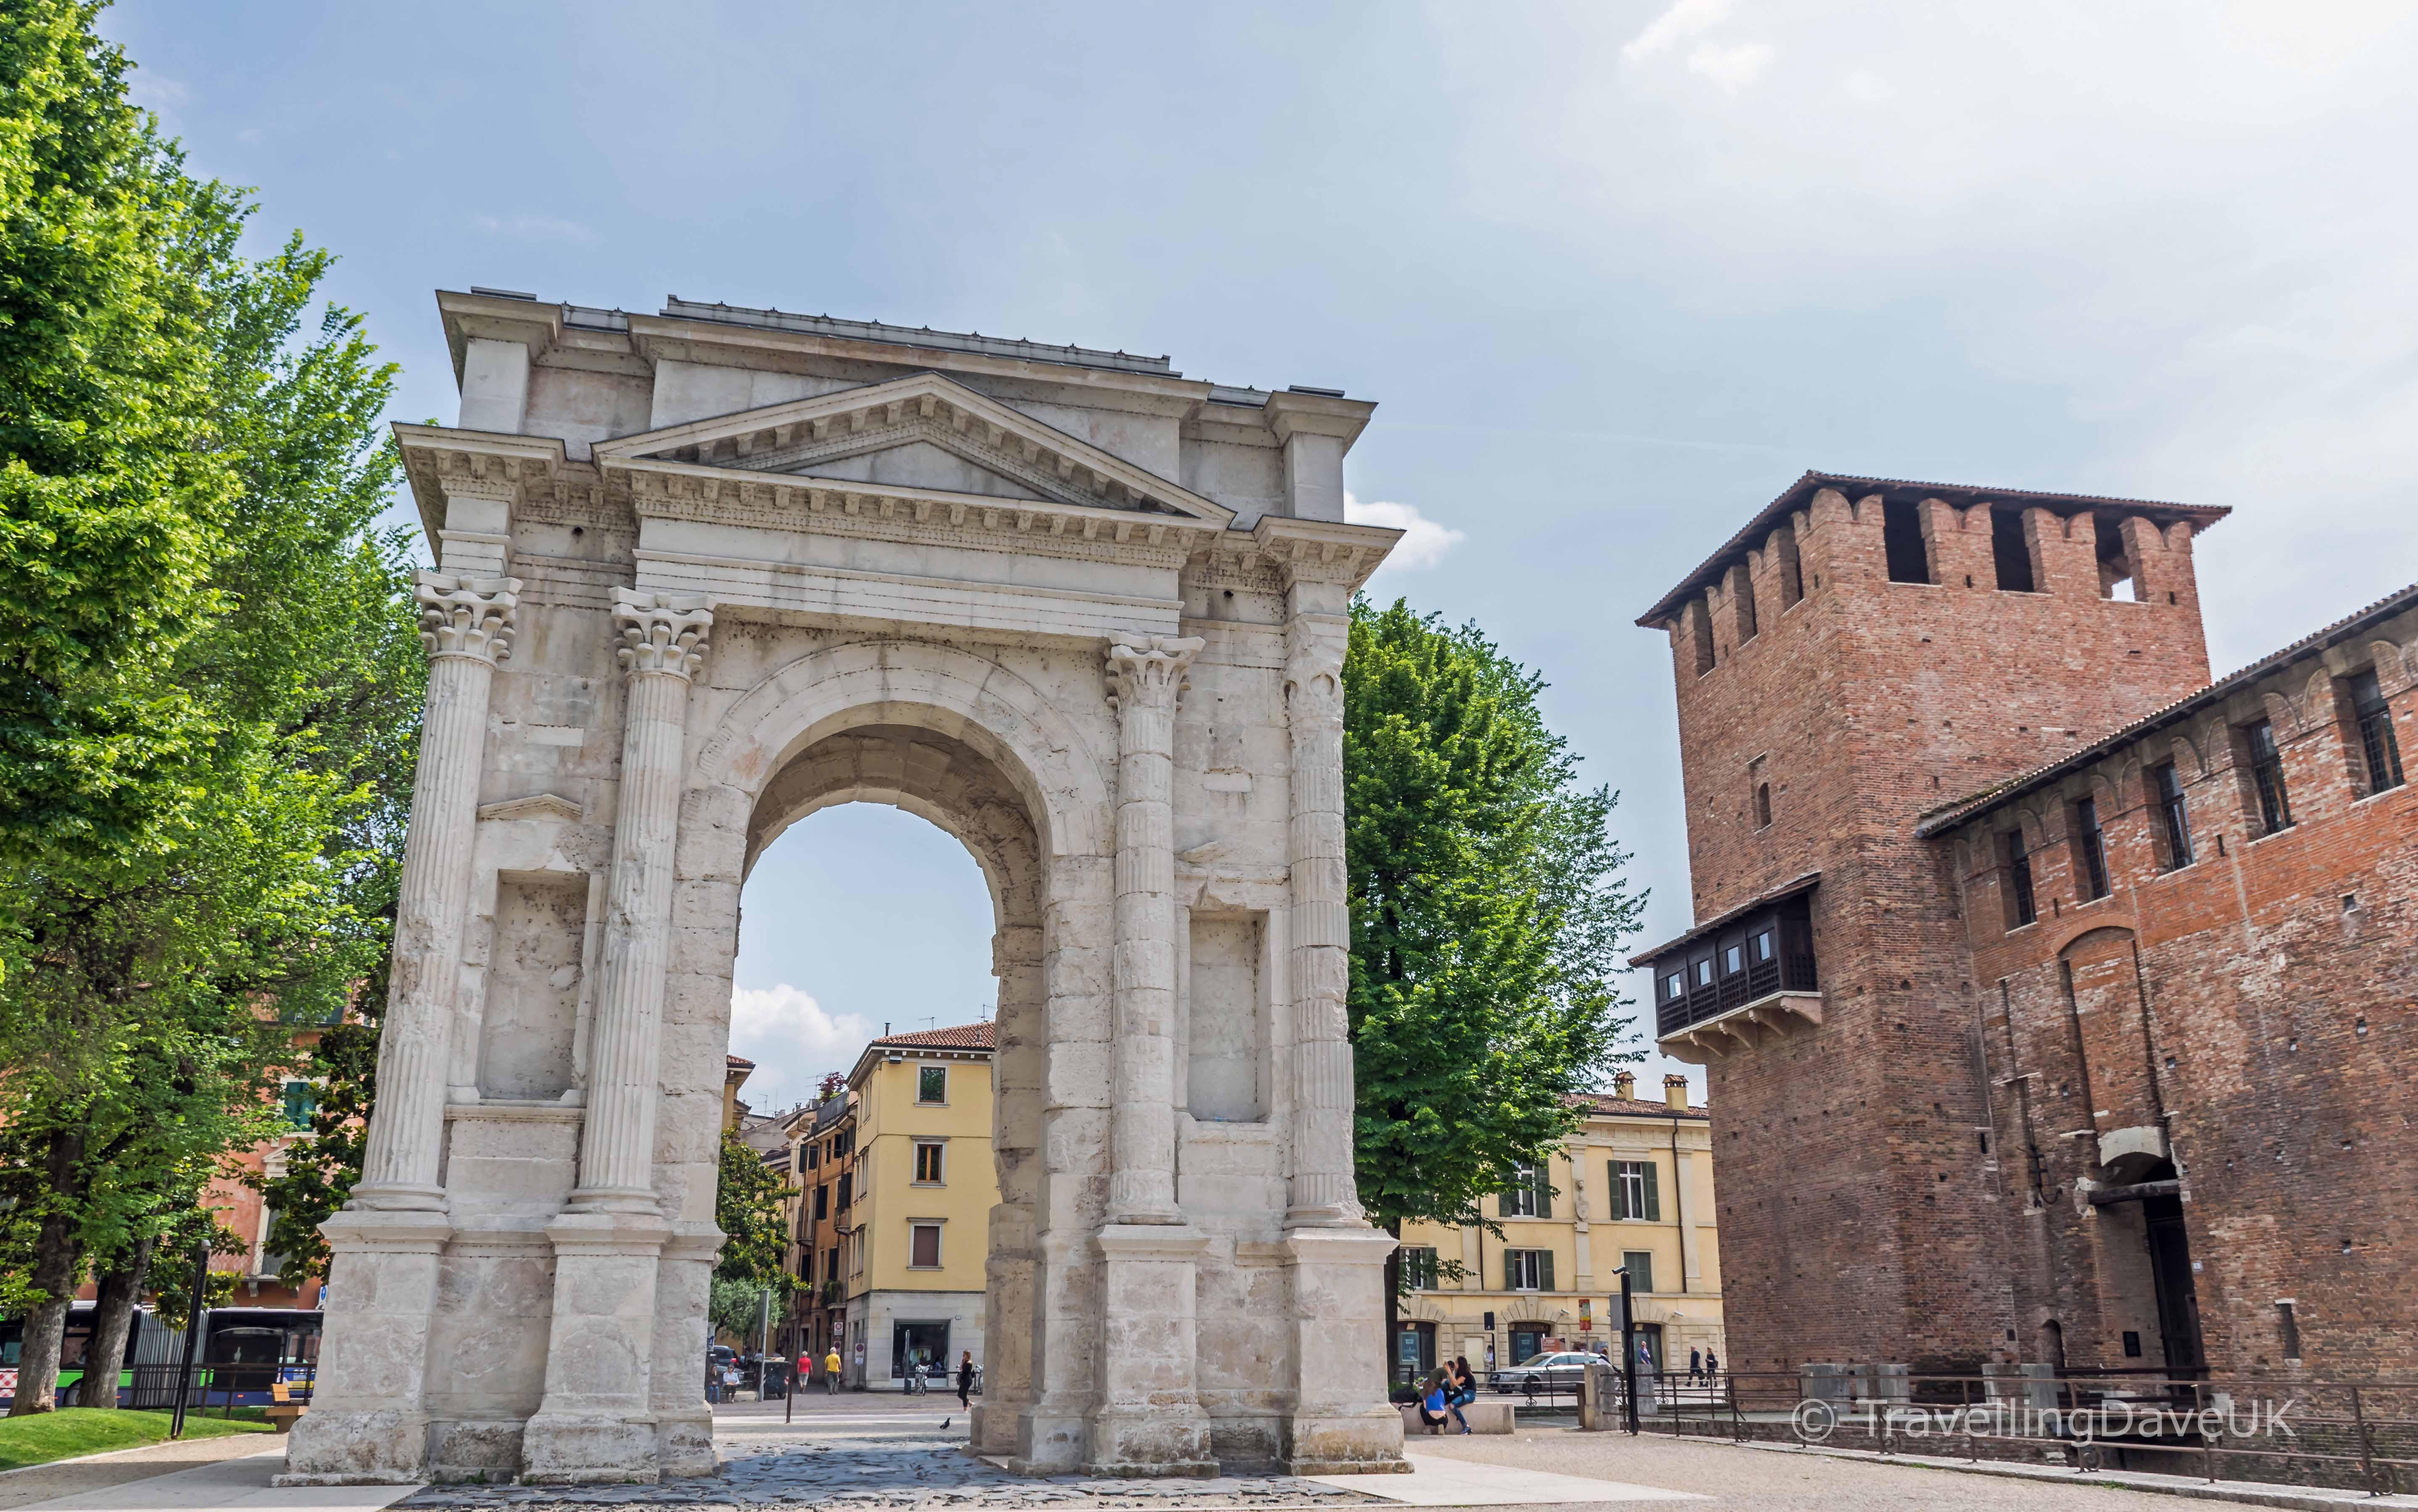 View of the Arco dei Gavi in Verona